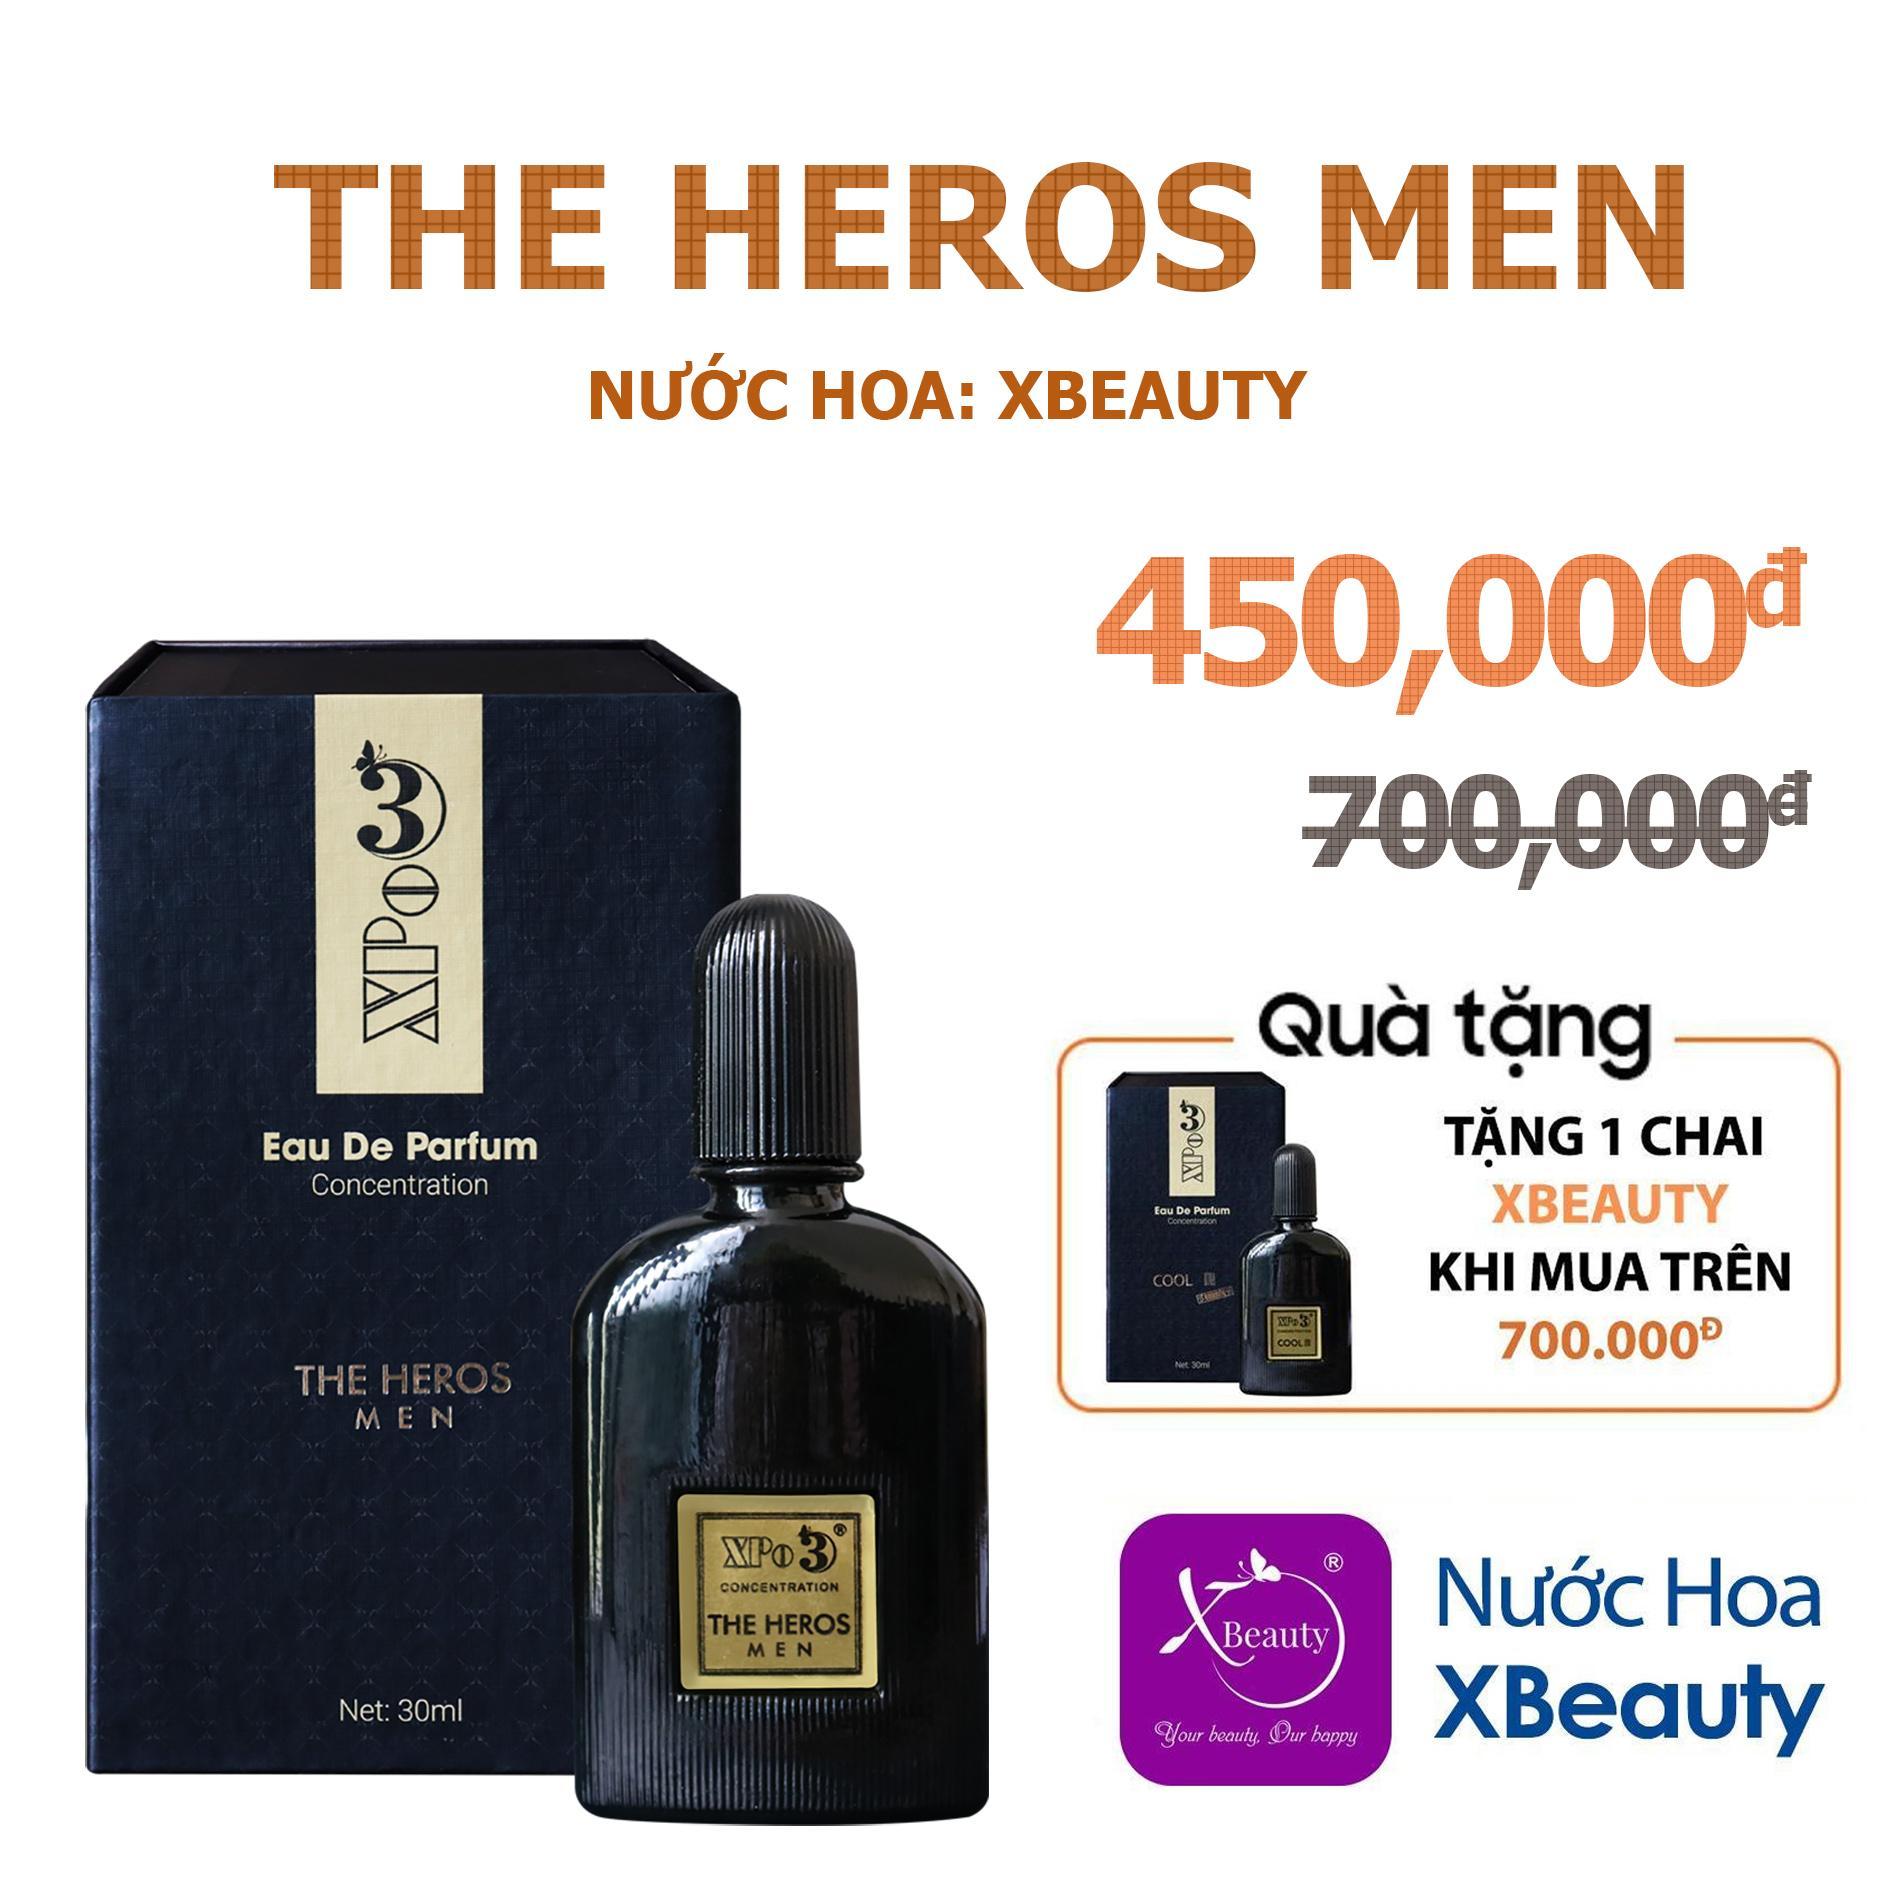 Nước hoa Nam XBeauty XPo3 The Heros Men 30ml (GTIN: 8938511722079). Nước hoa cô đặc thơm lâu dành cho nam giới nhập khẩu